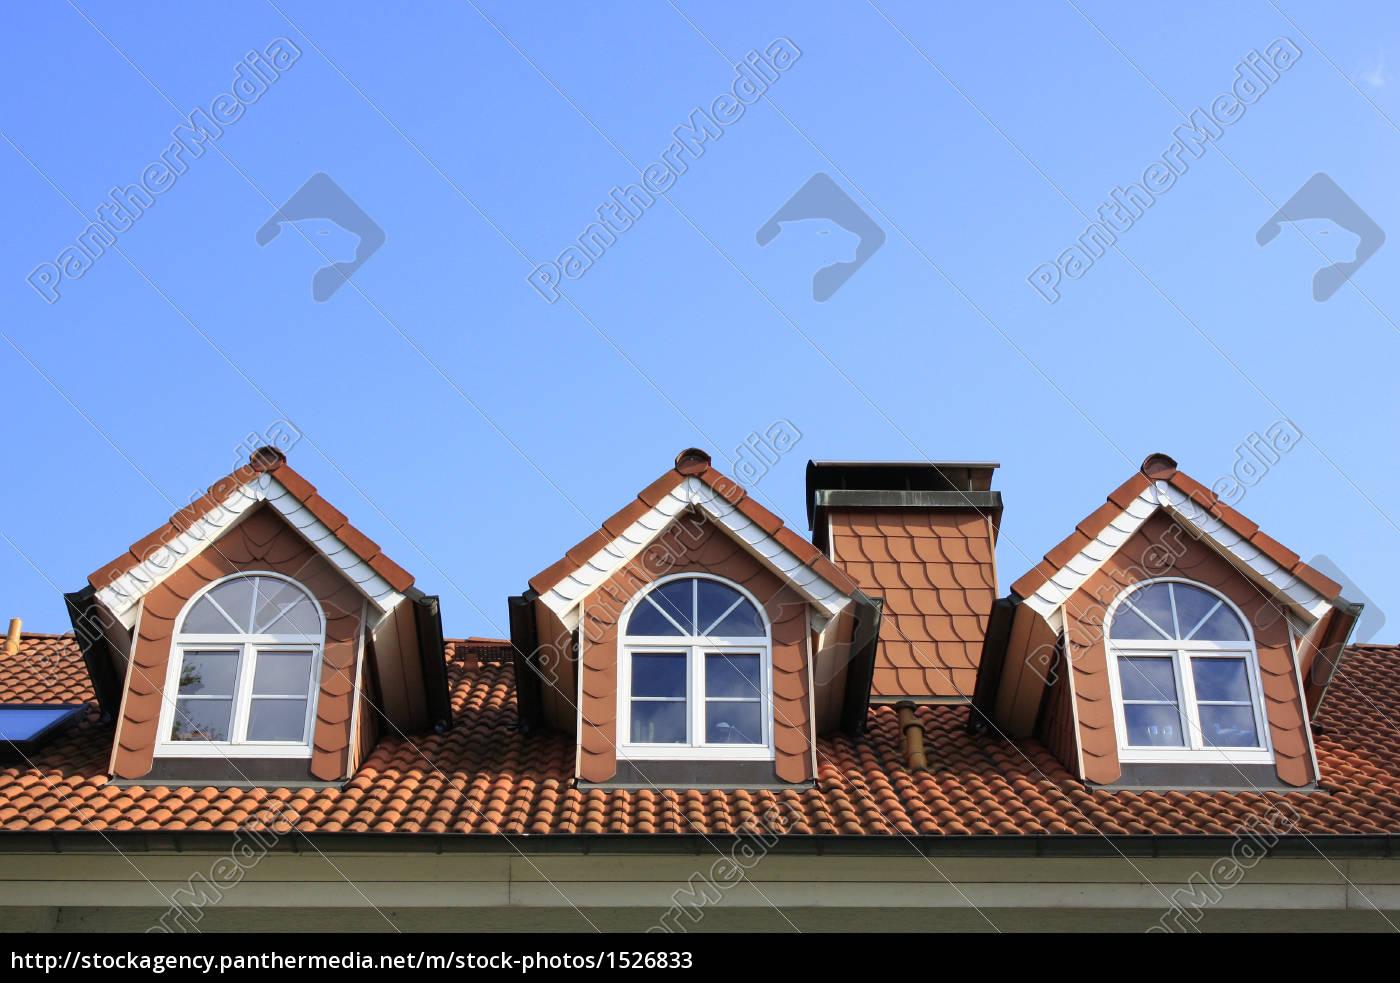 drei, dachfenster - 1526833